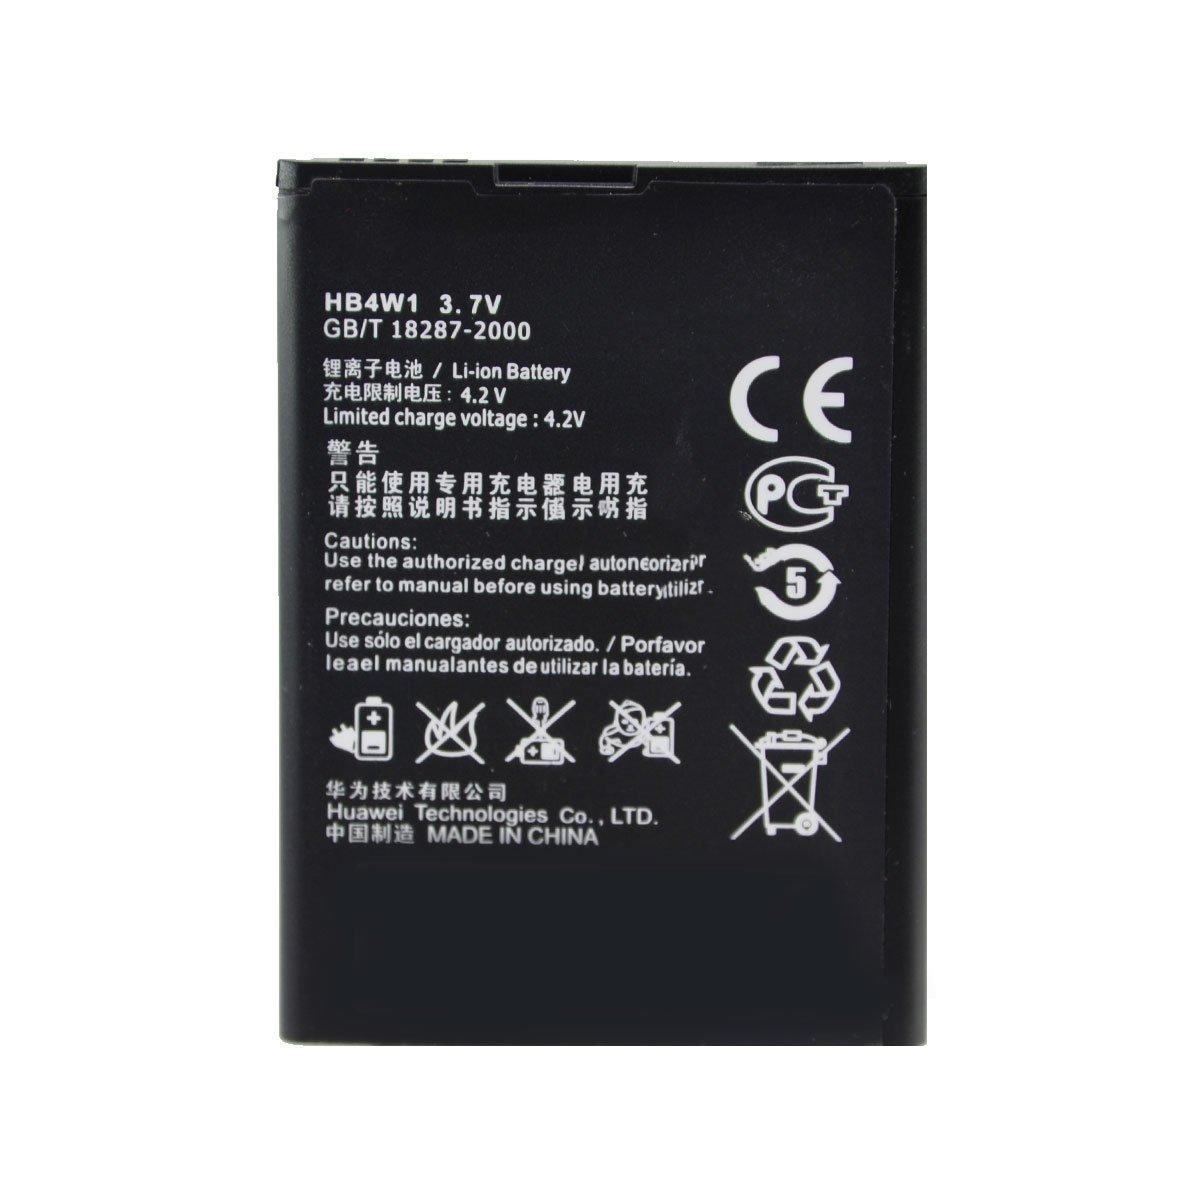 Аккумуляторная батарея для Huawei Ascend Y530 HB4W1